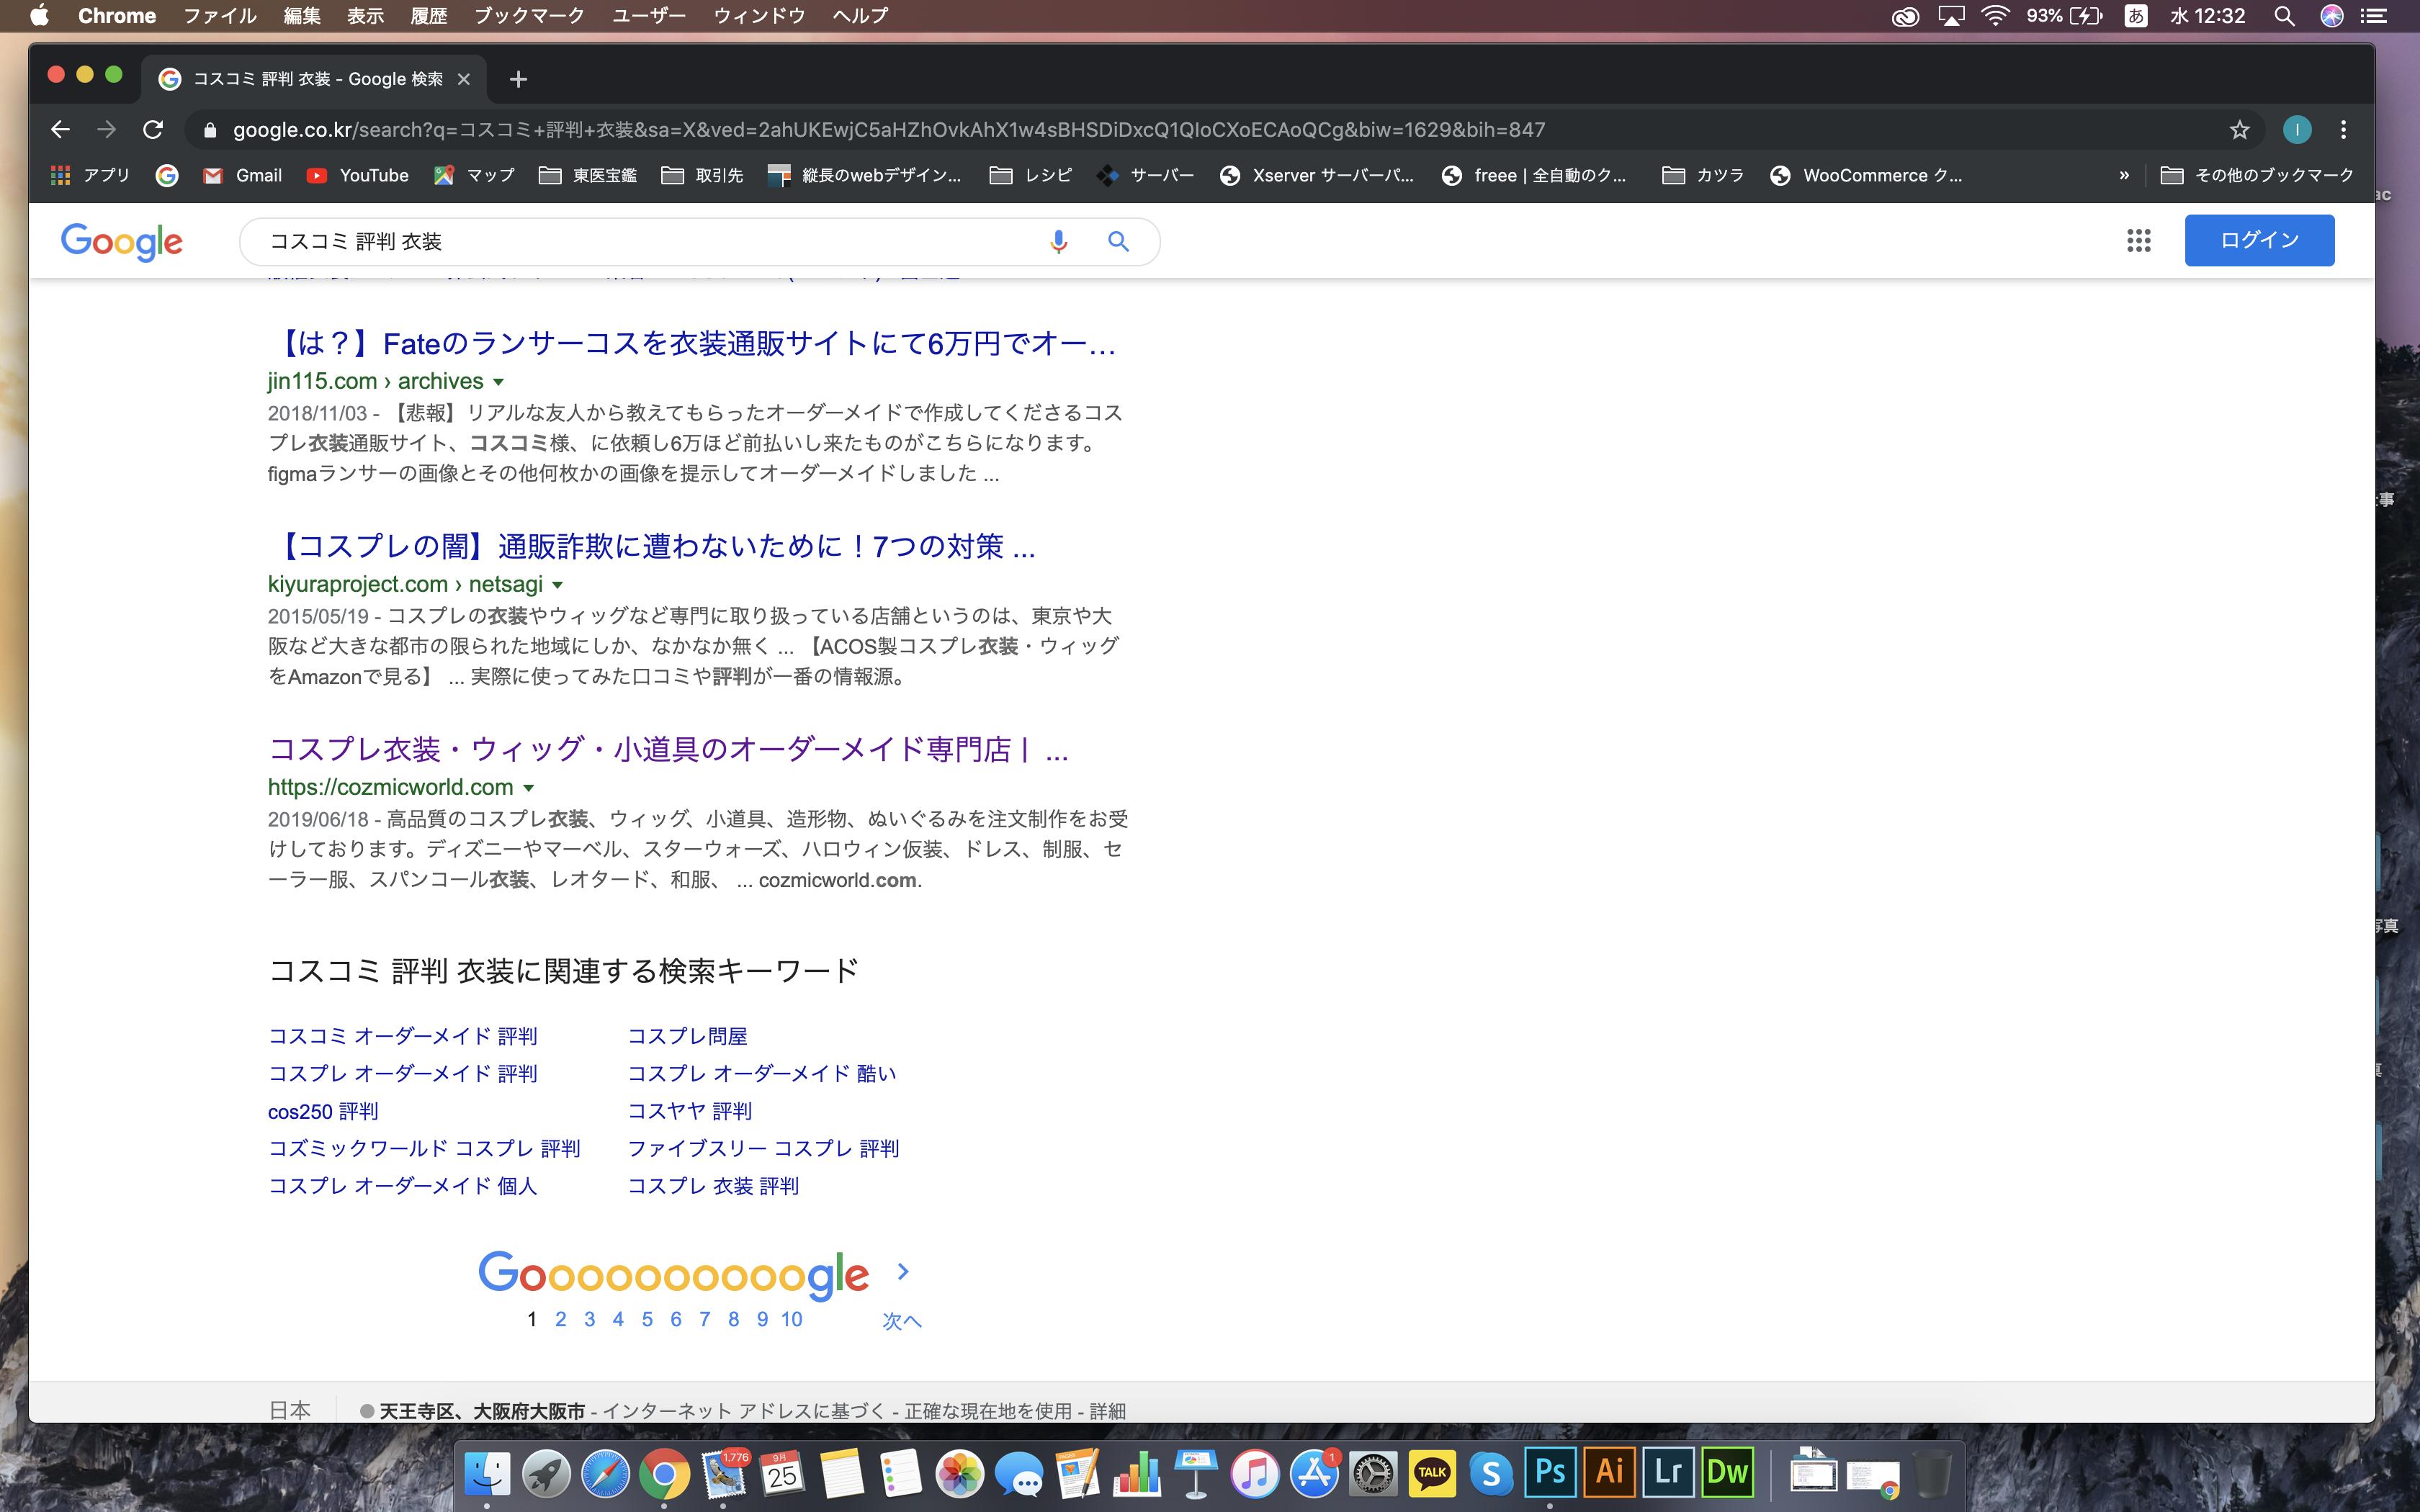 일본 구글 검색 키워드 최적화 seo